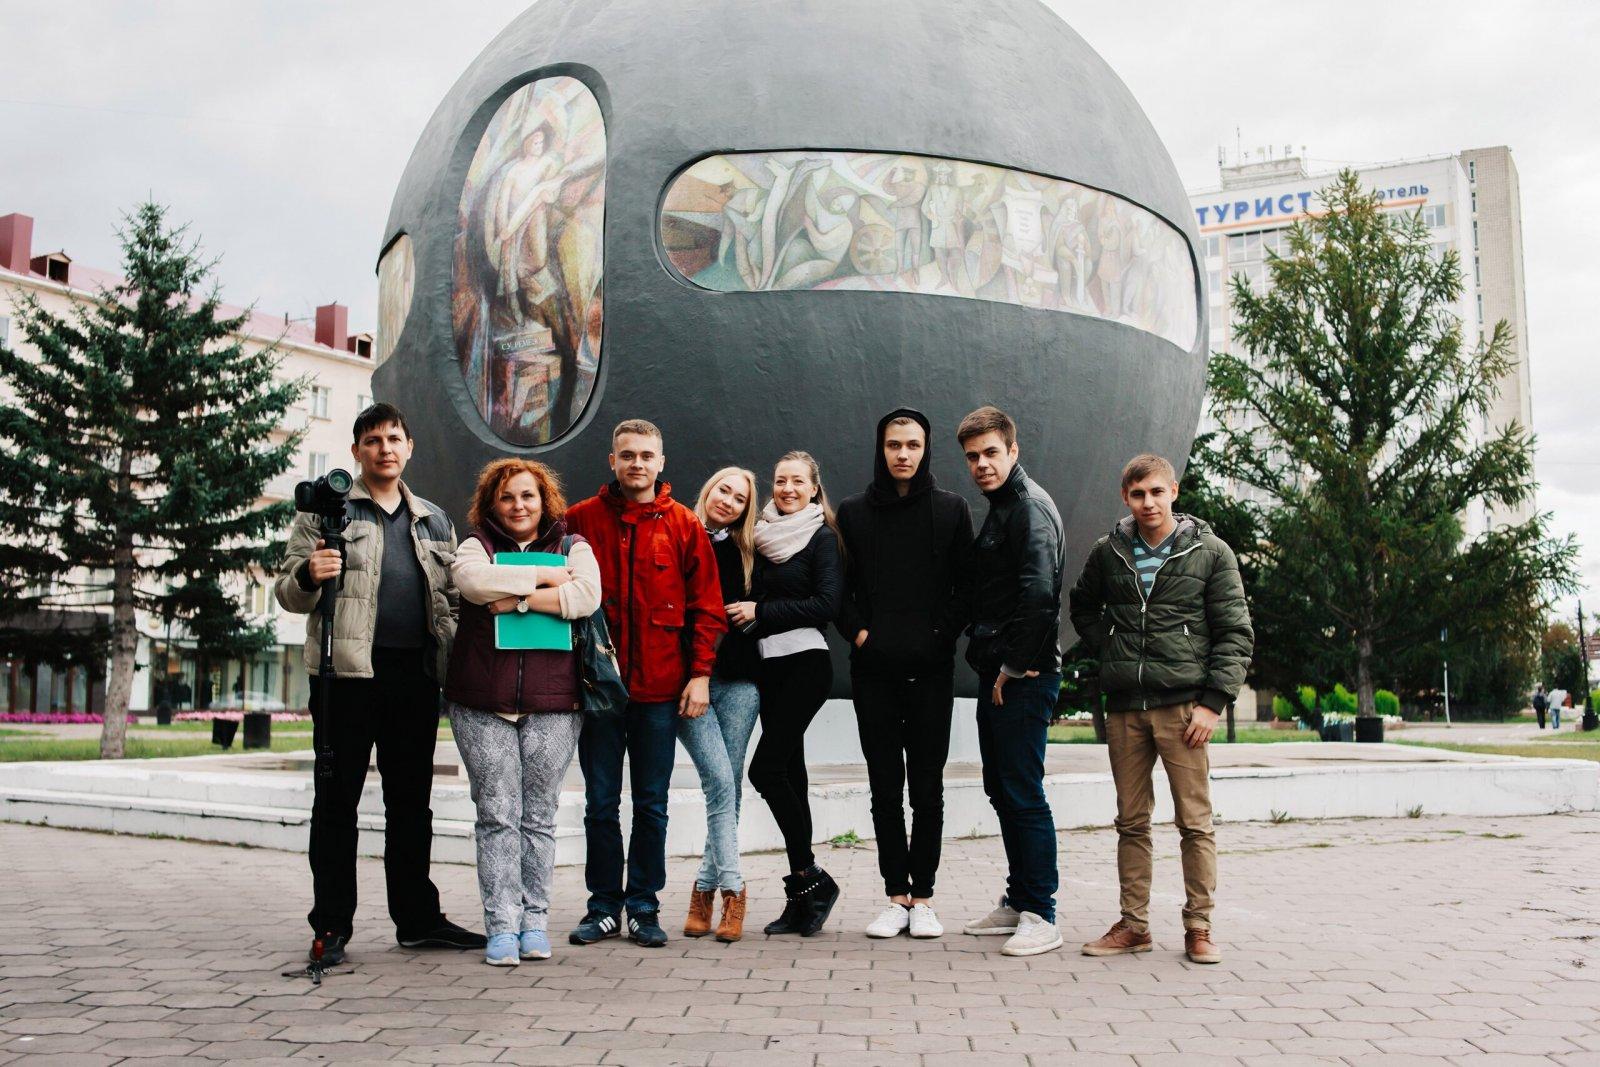 Омск. История